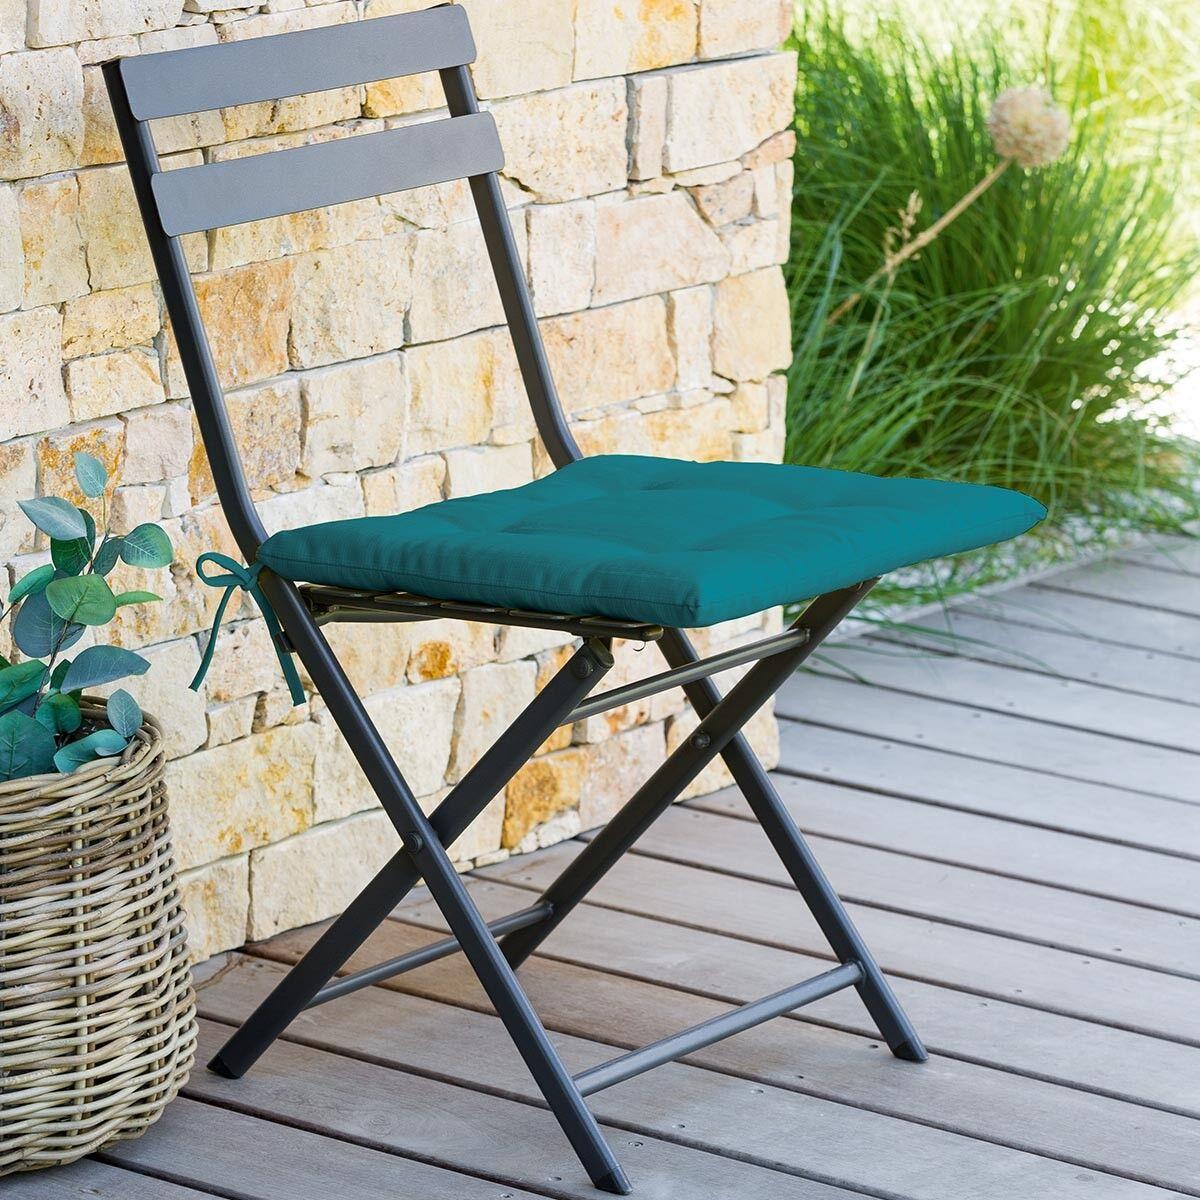 Hespéride Galette de chaise carrée 4 points Bleu canard Jardin